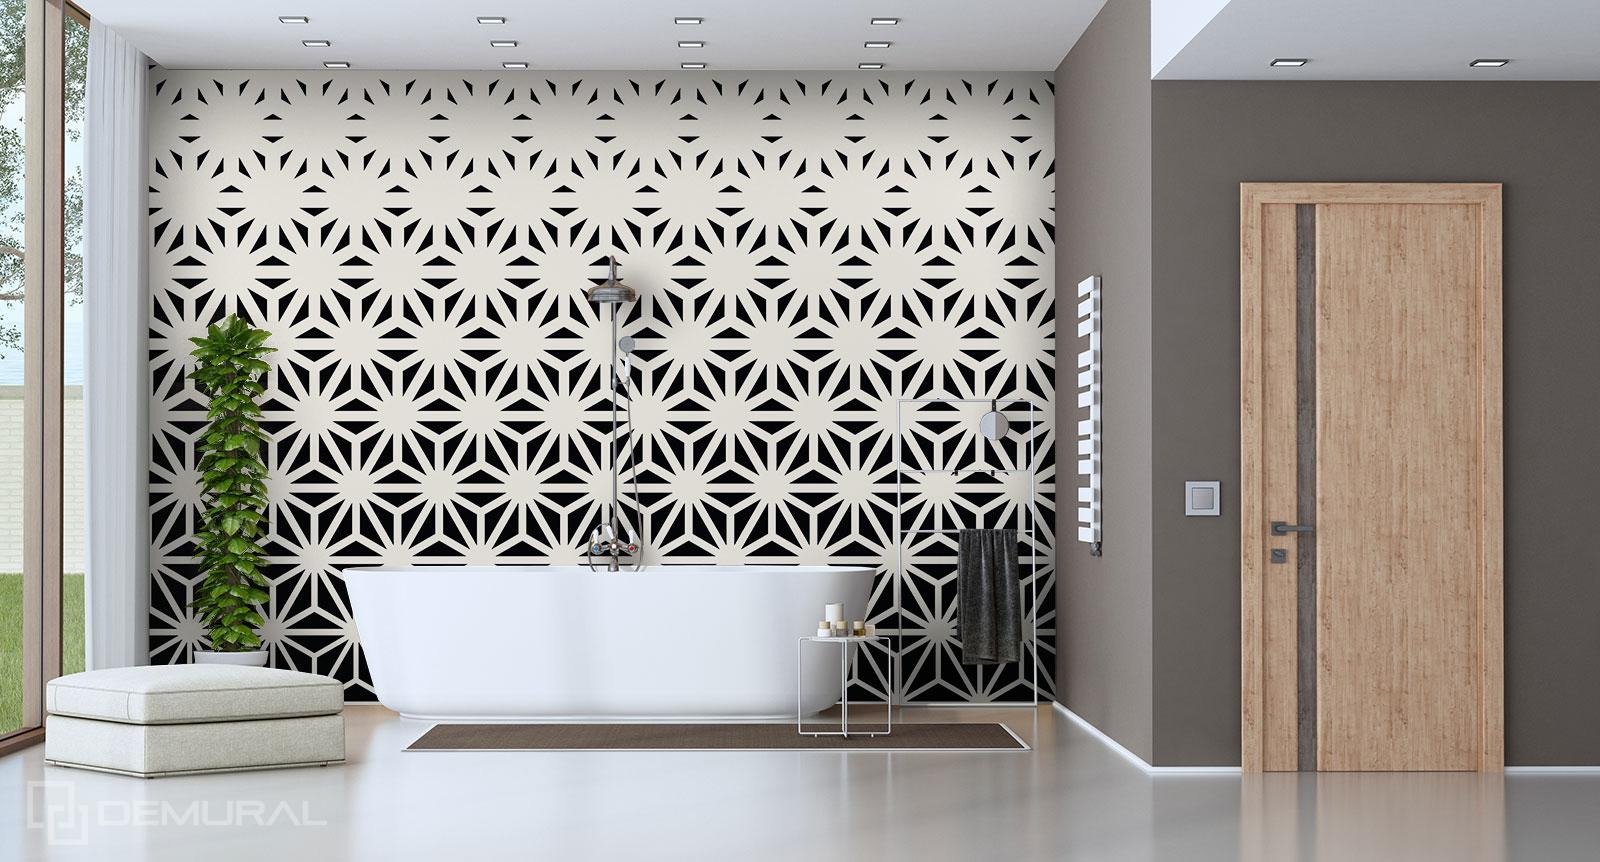 Papier peint Géométrie - Papier peint de la salle de bains - Demural